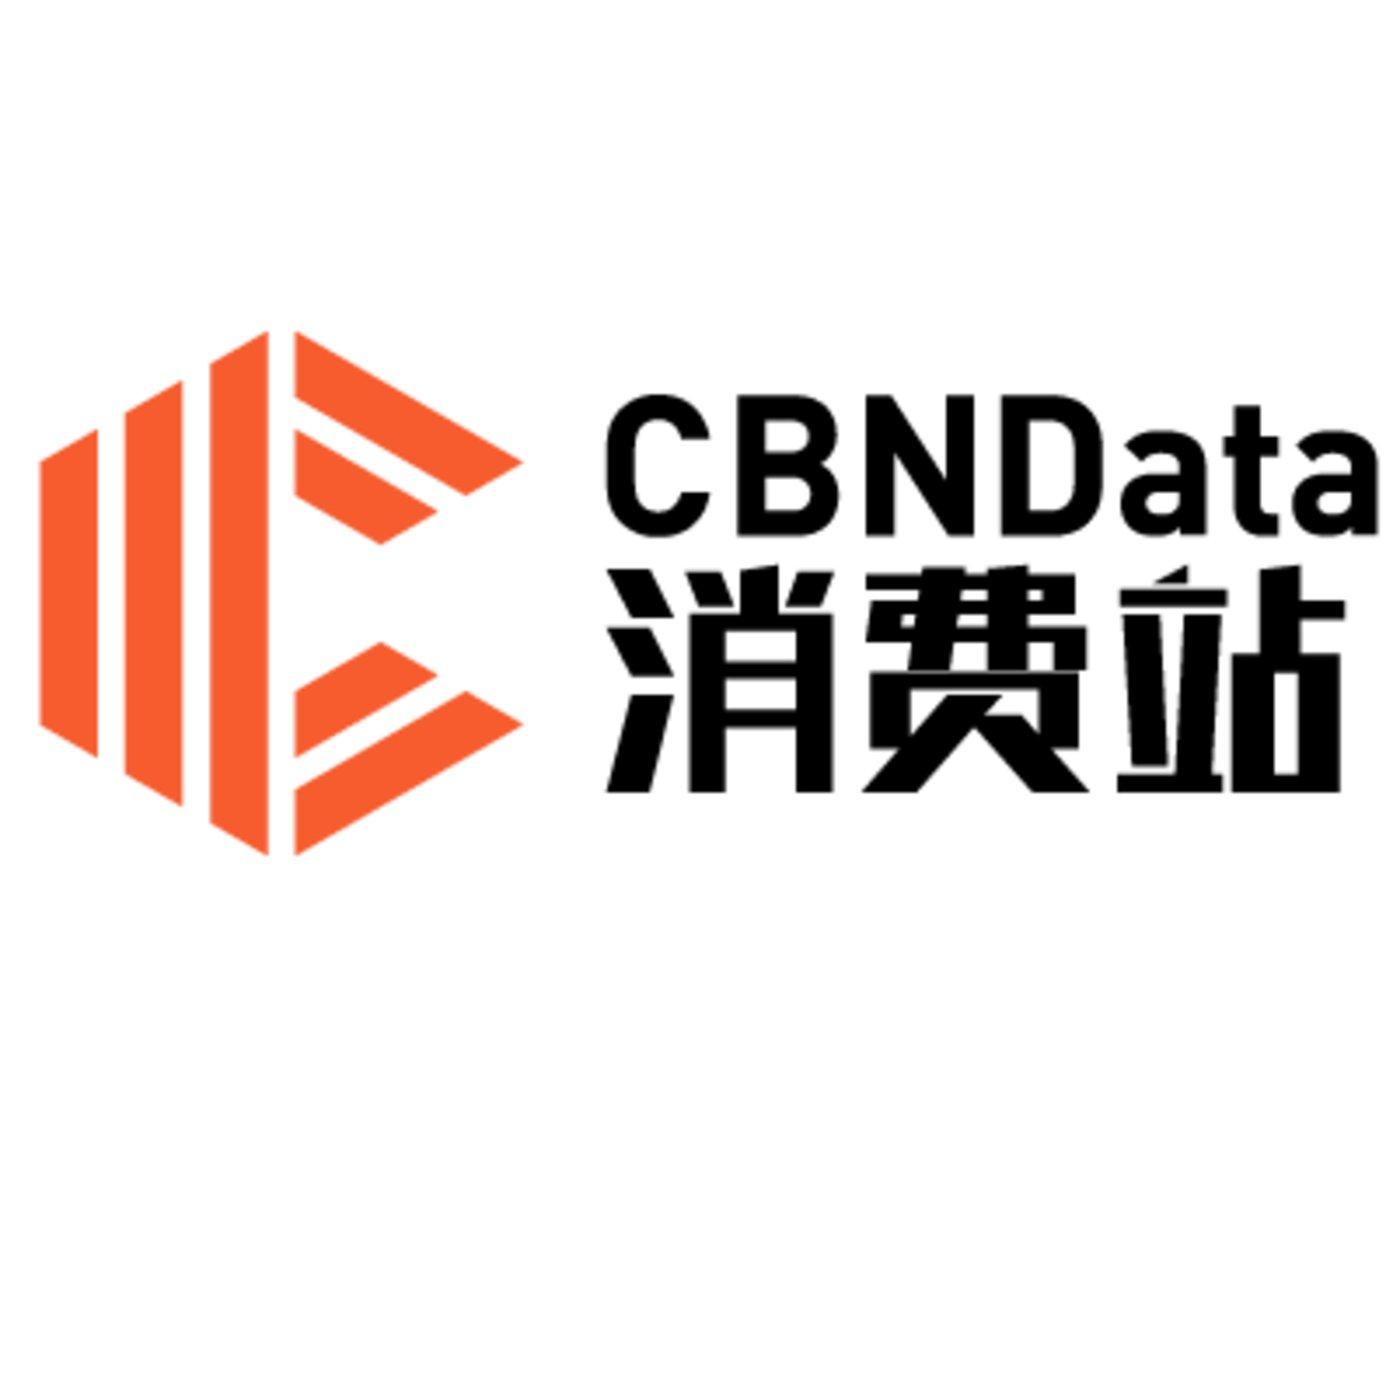 CBNData消费站